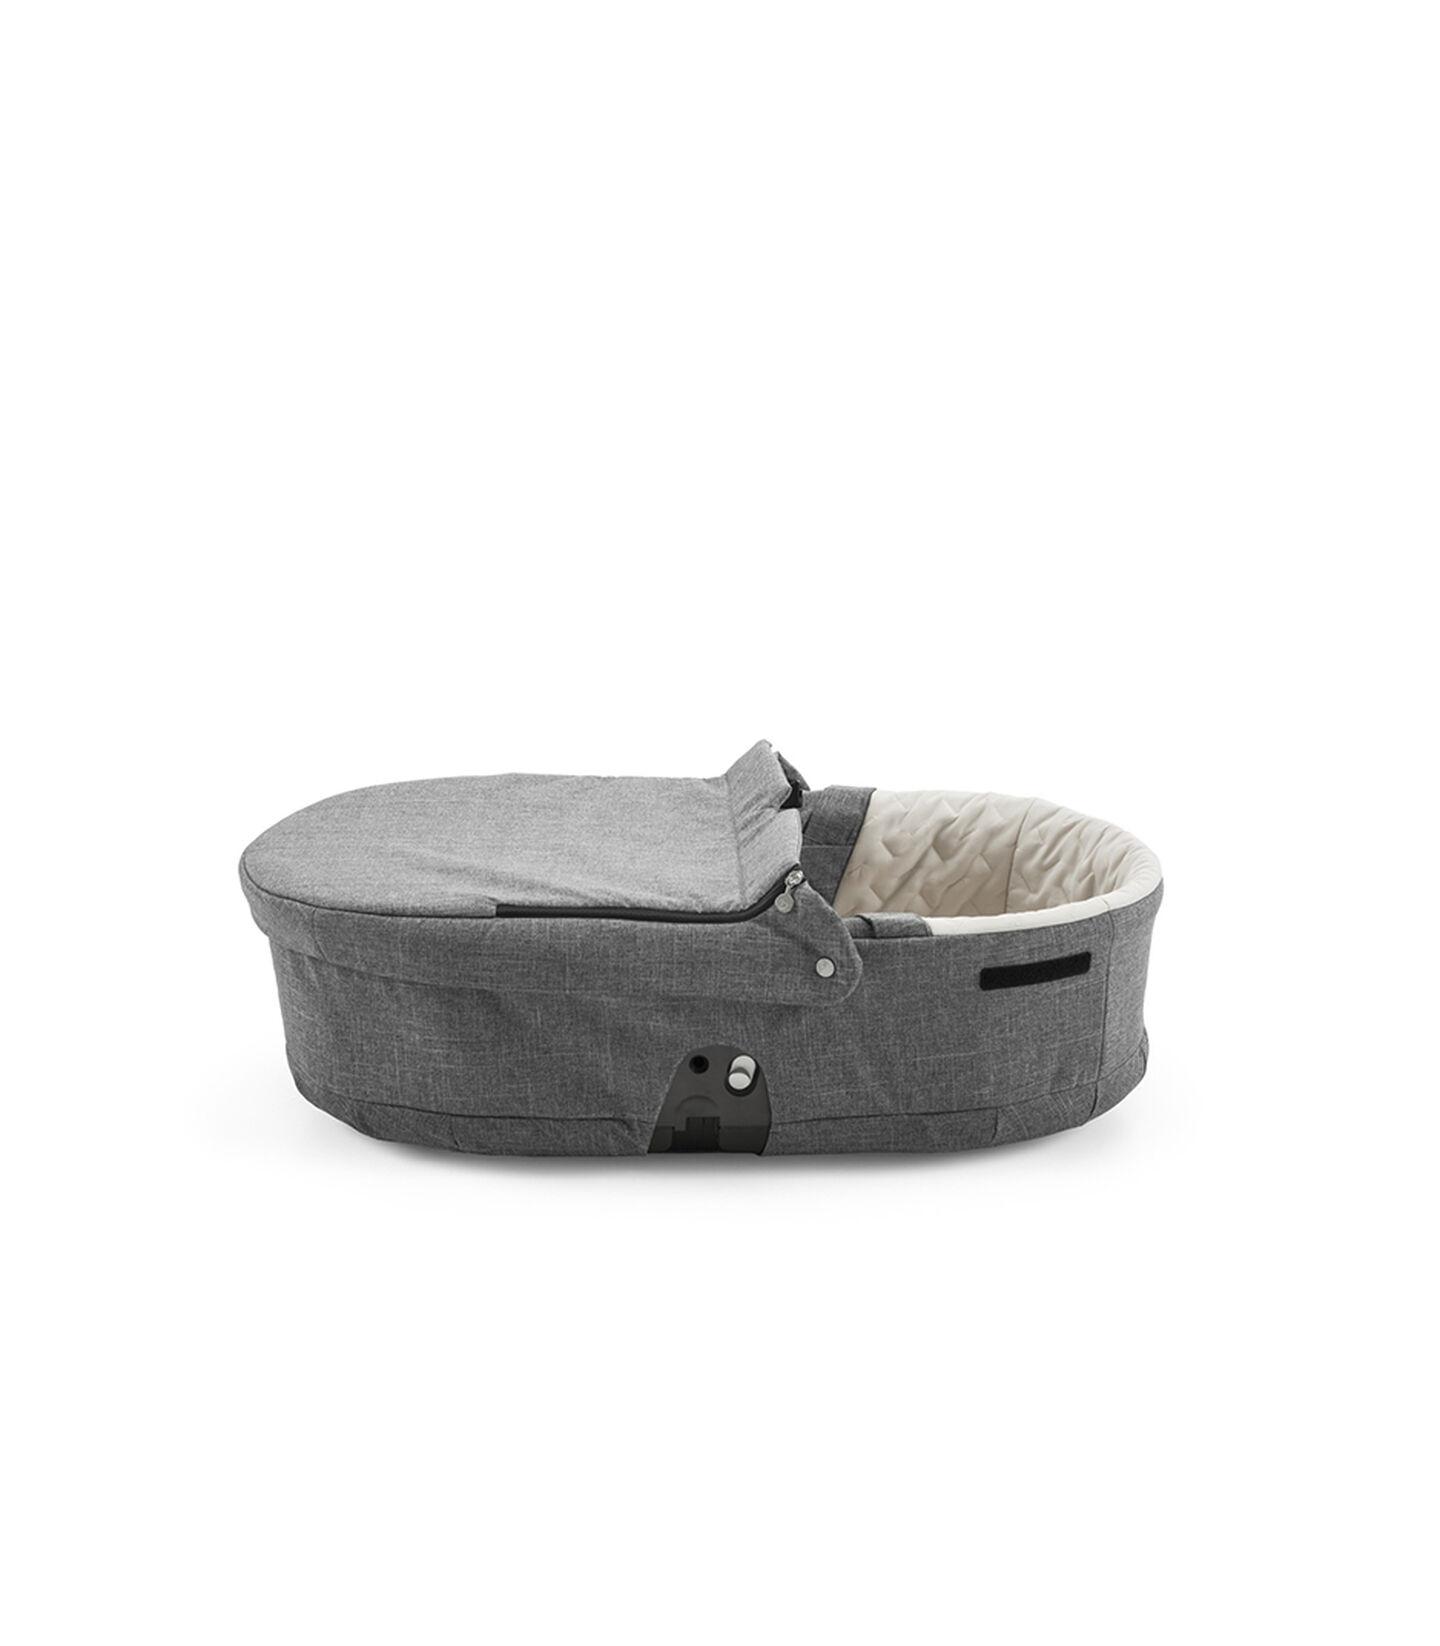 Stokke® Scoot™ Carry Cot, Black Melange.